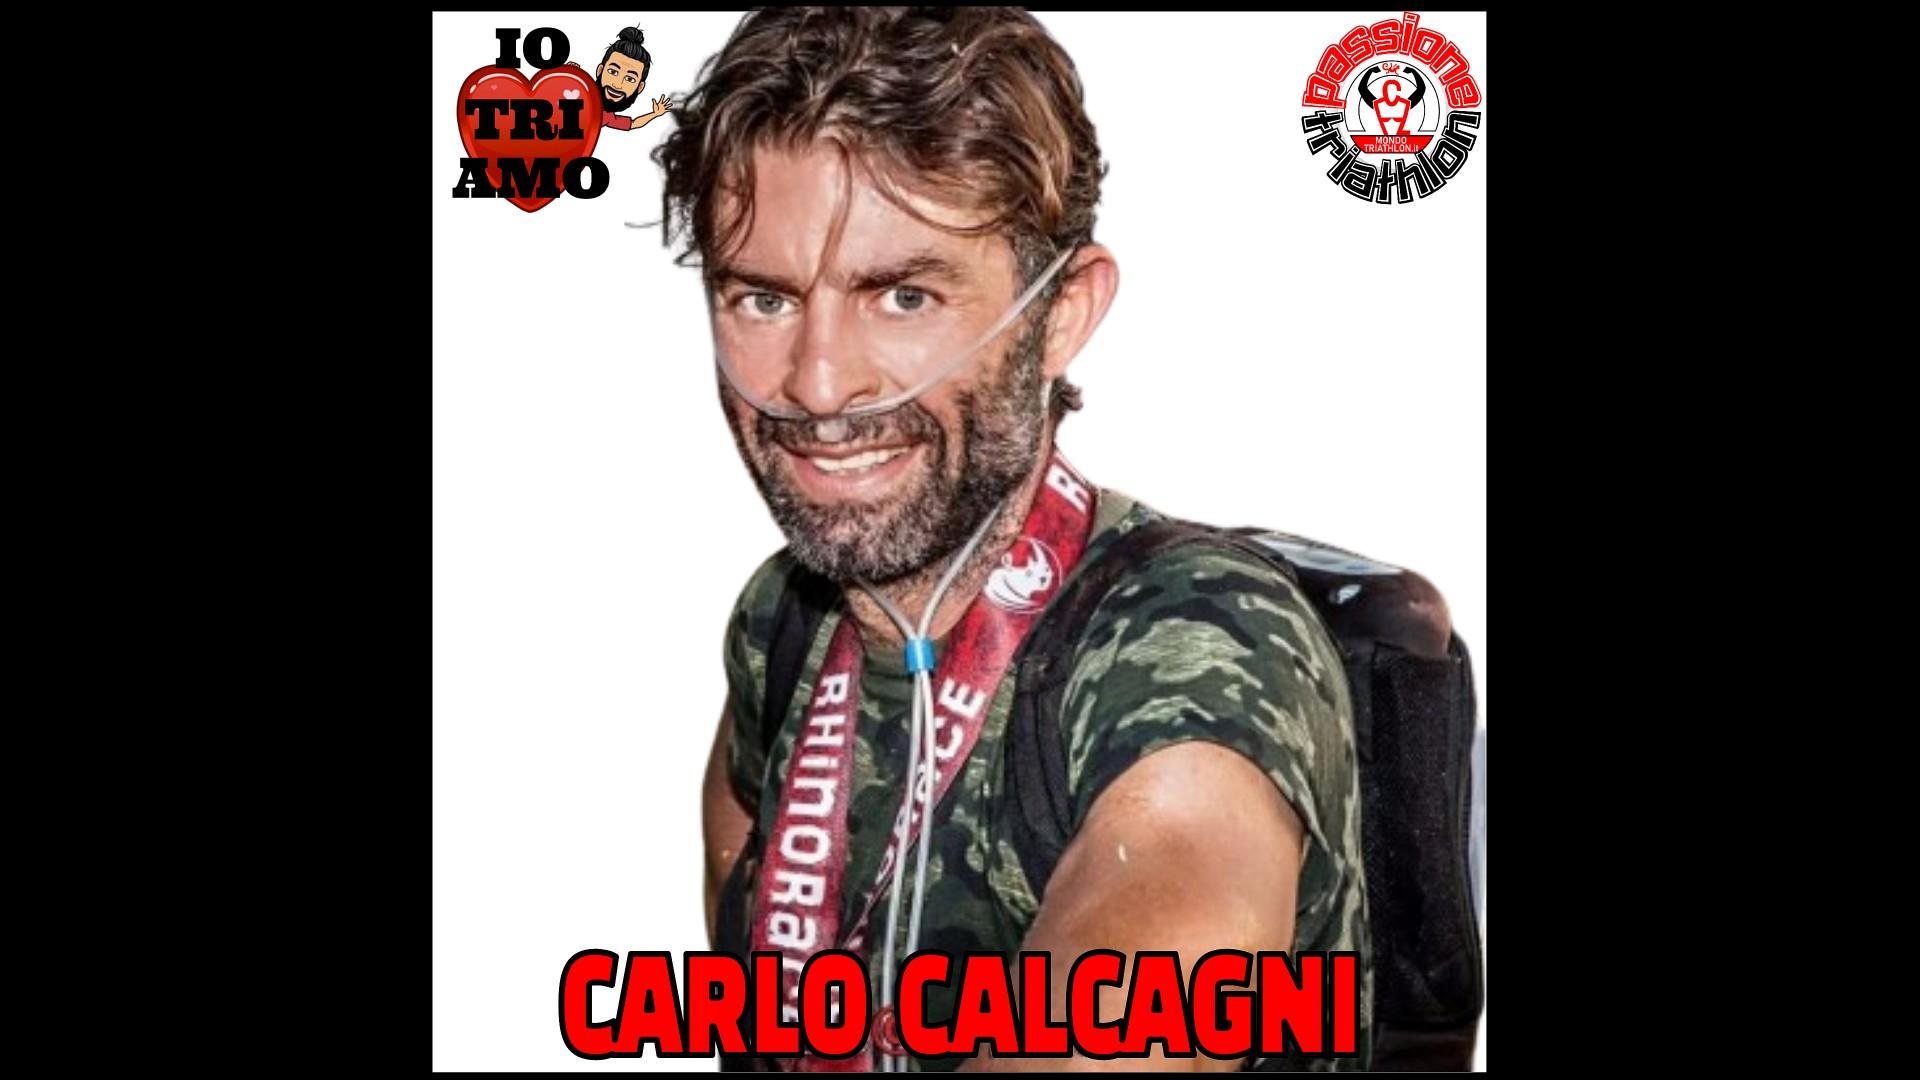 Carlo Calcagni Passione Triathlon n° 80